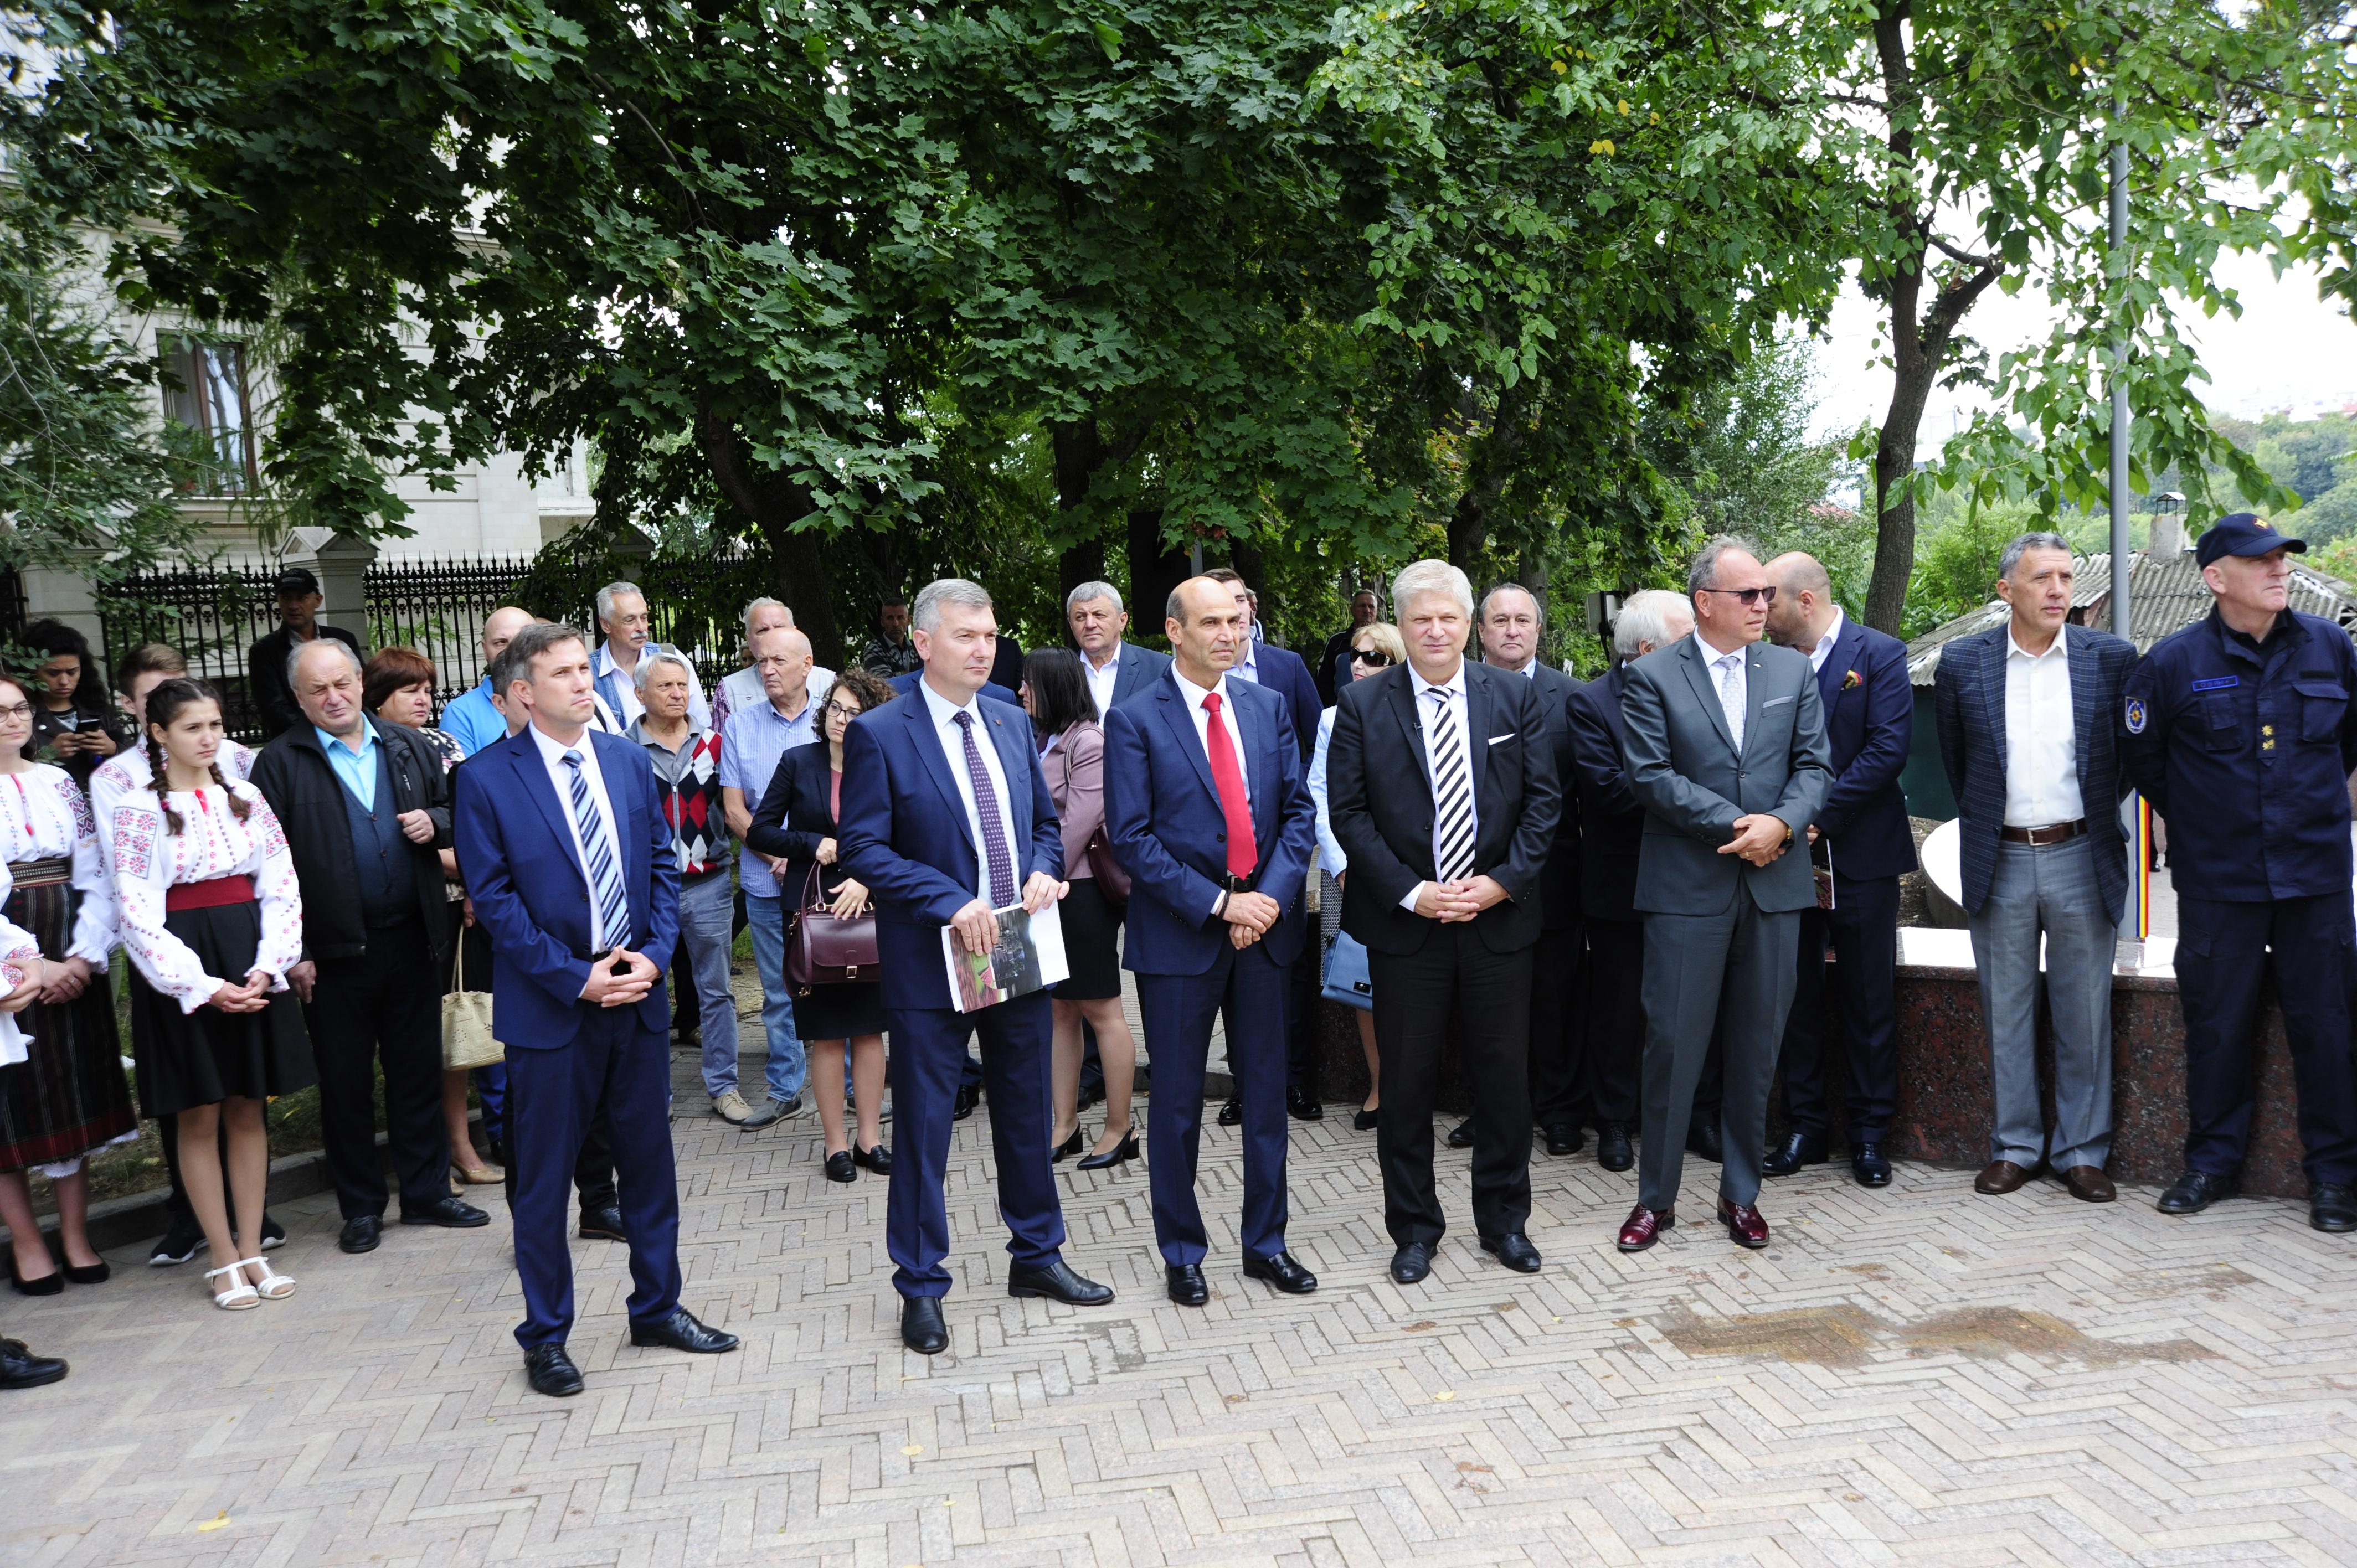 ВКишиневе впарке Валя Морилор прошло открытие гранитной лестницы. Фоторепортаж